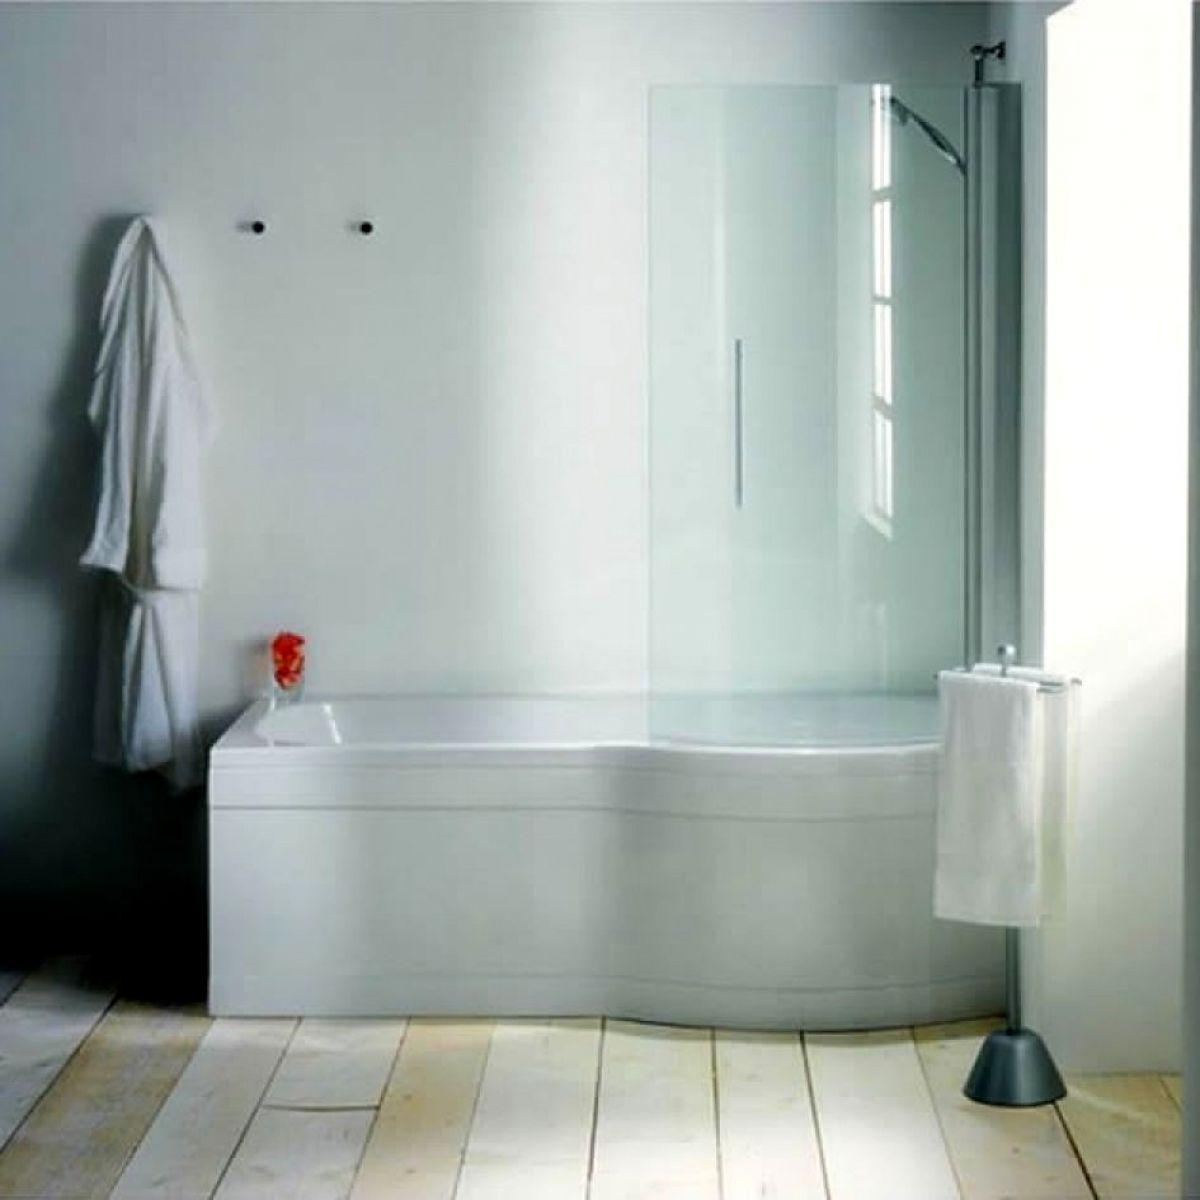 Adamsez Mezza Mini Shower Bath : UK Bathrooms